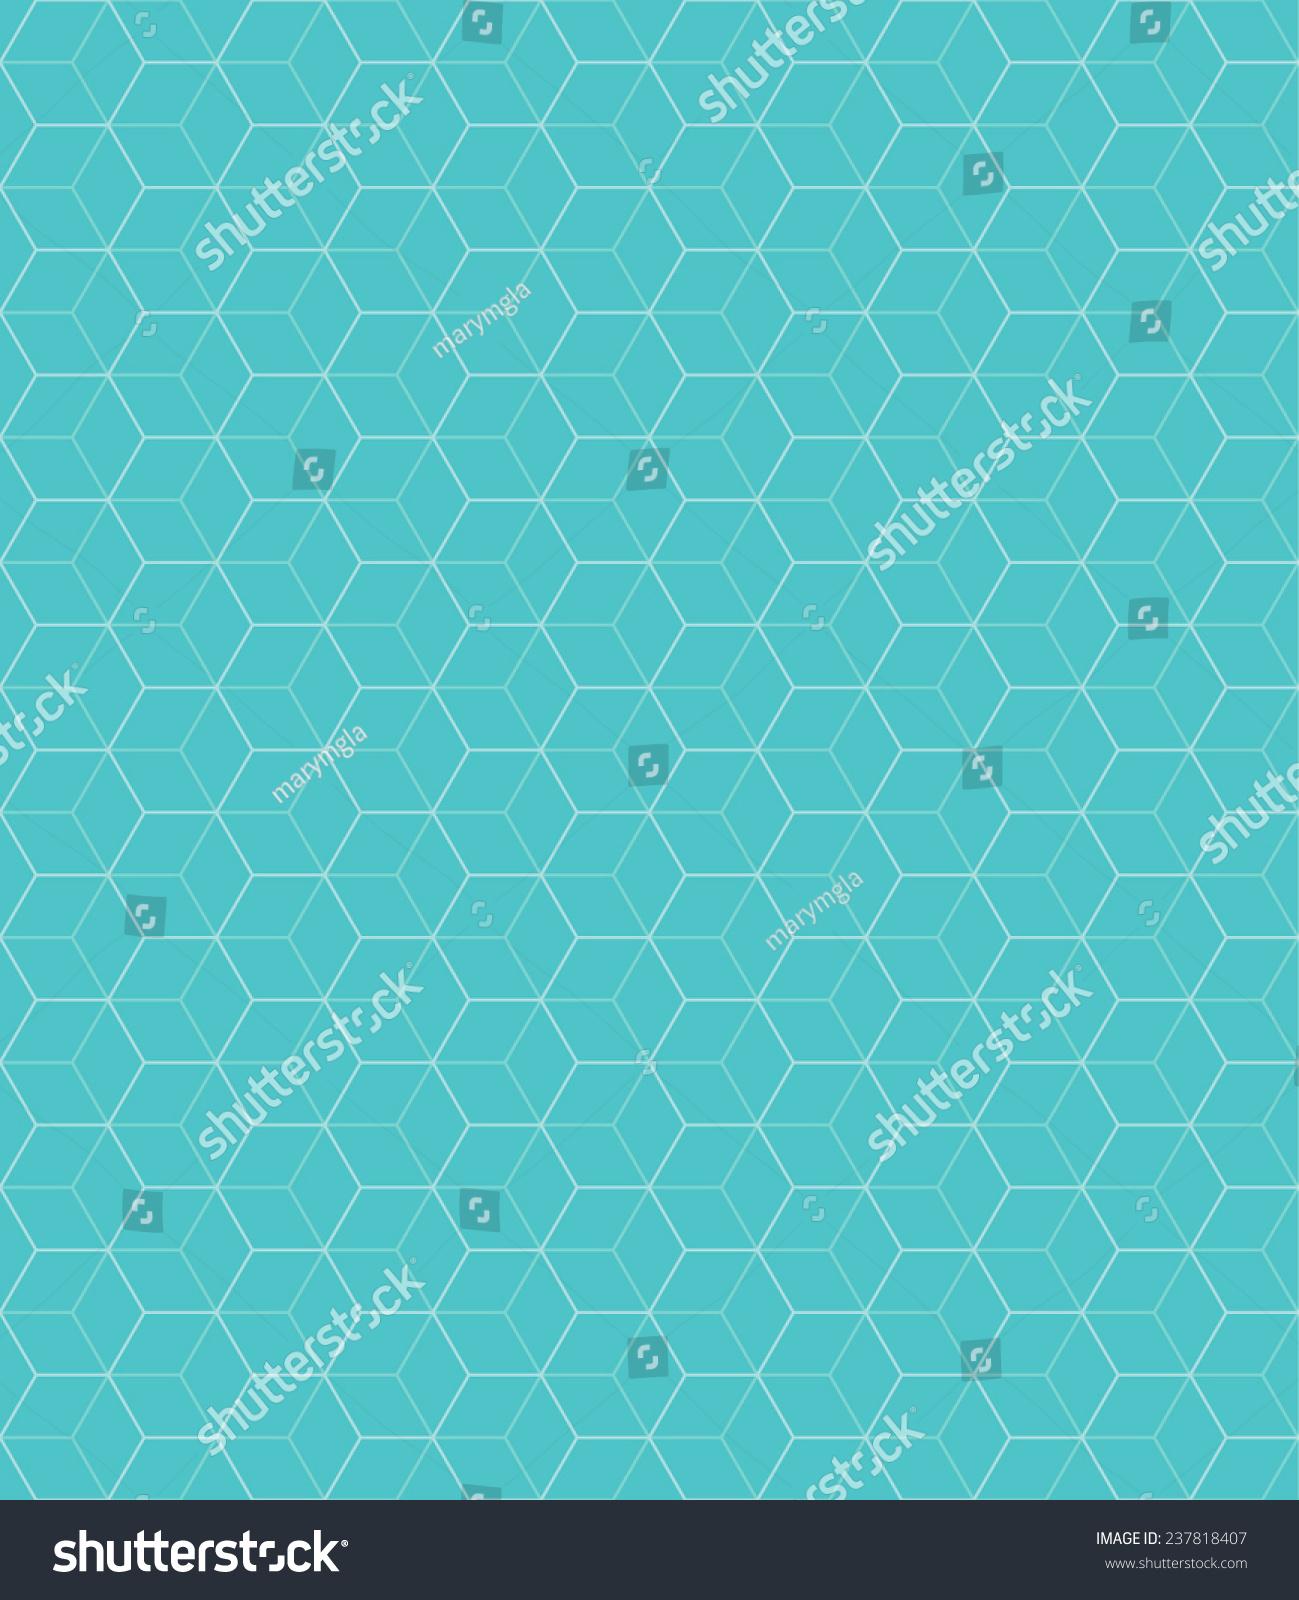 blue hexagonal pattern vector - photo #7